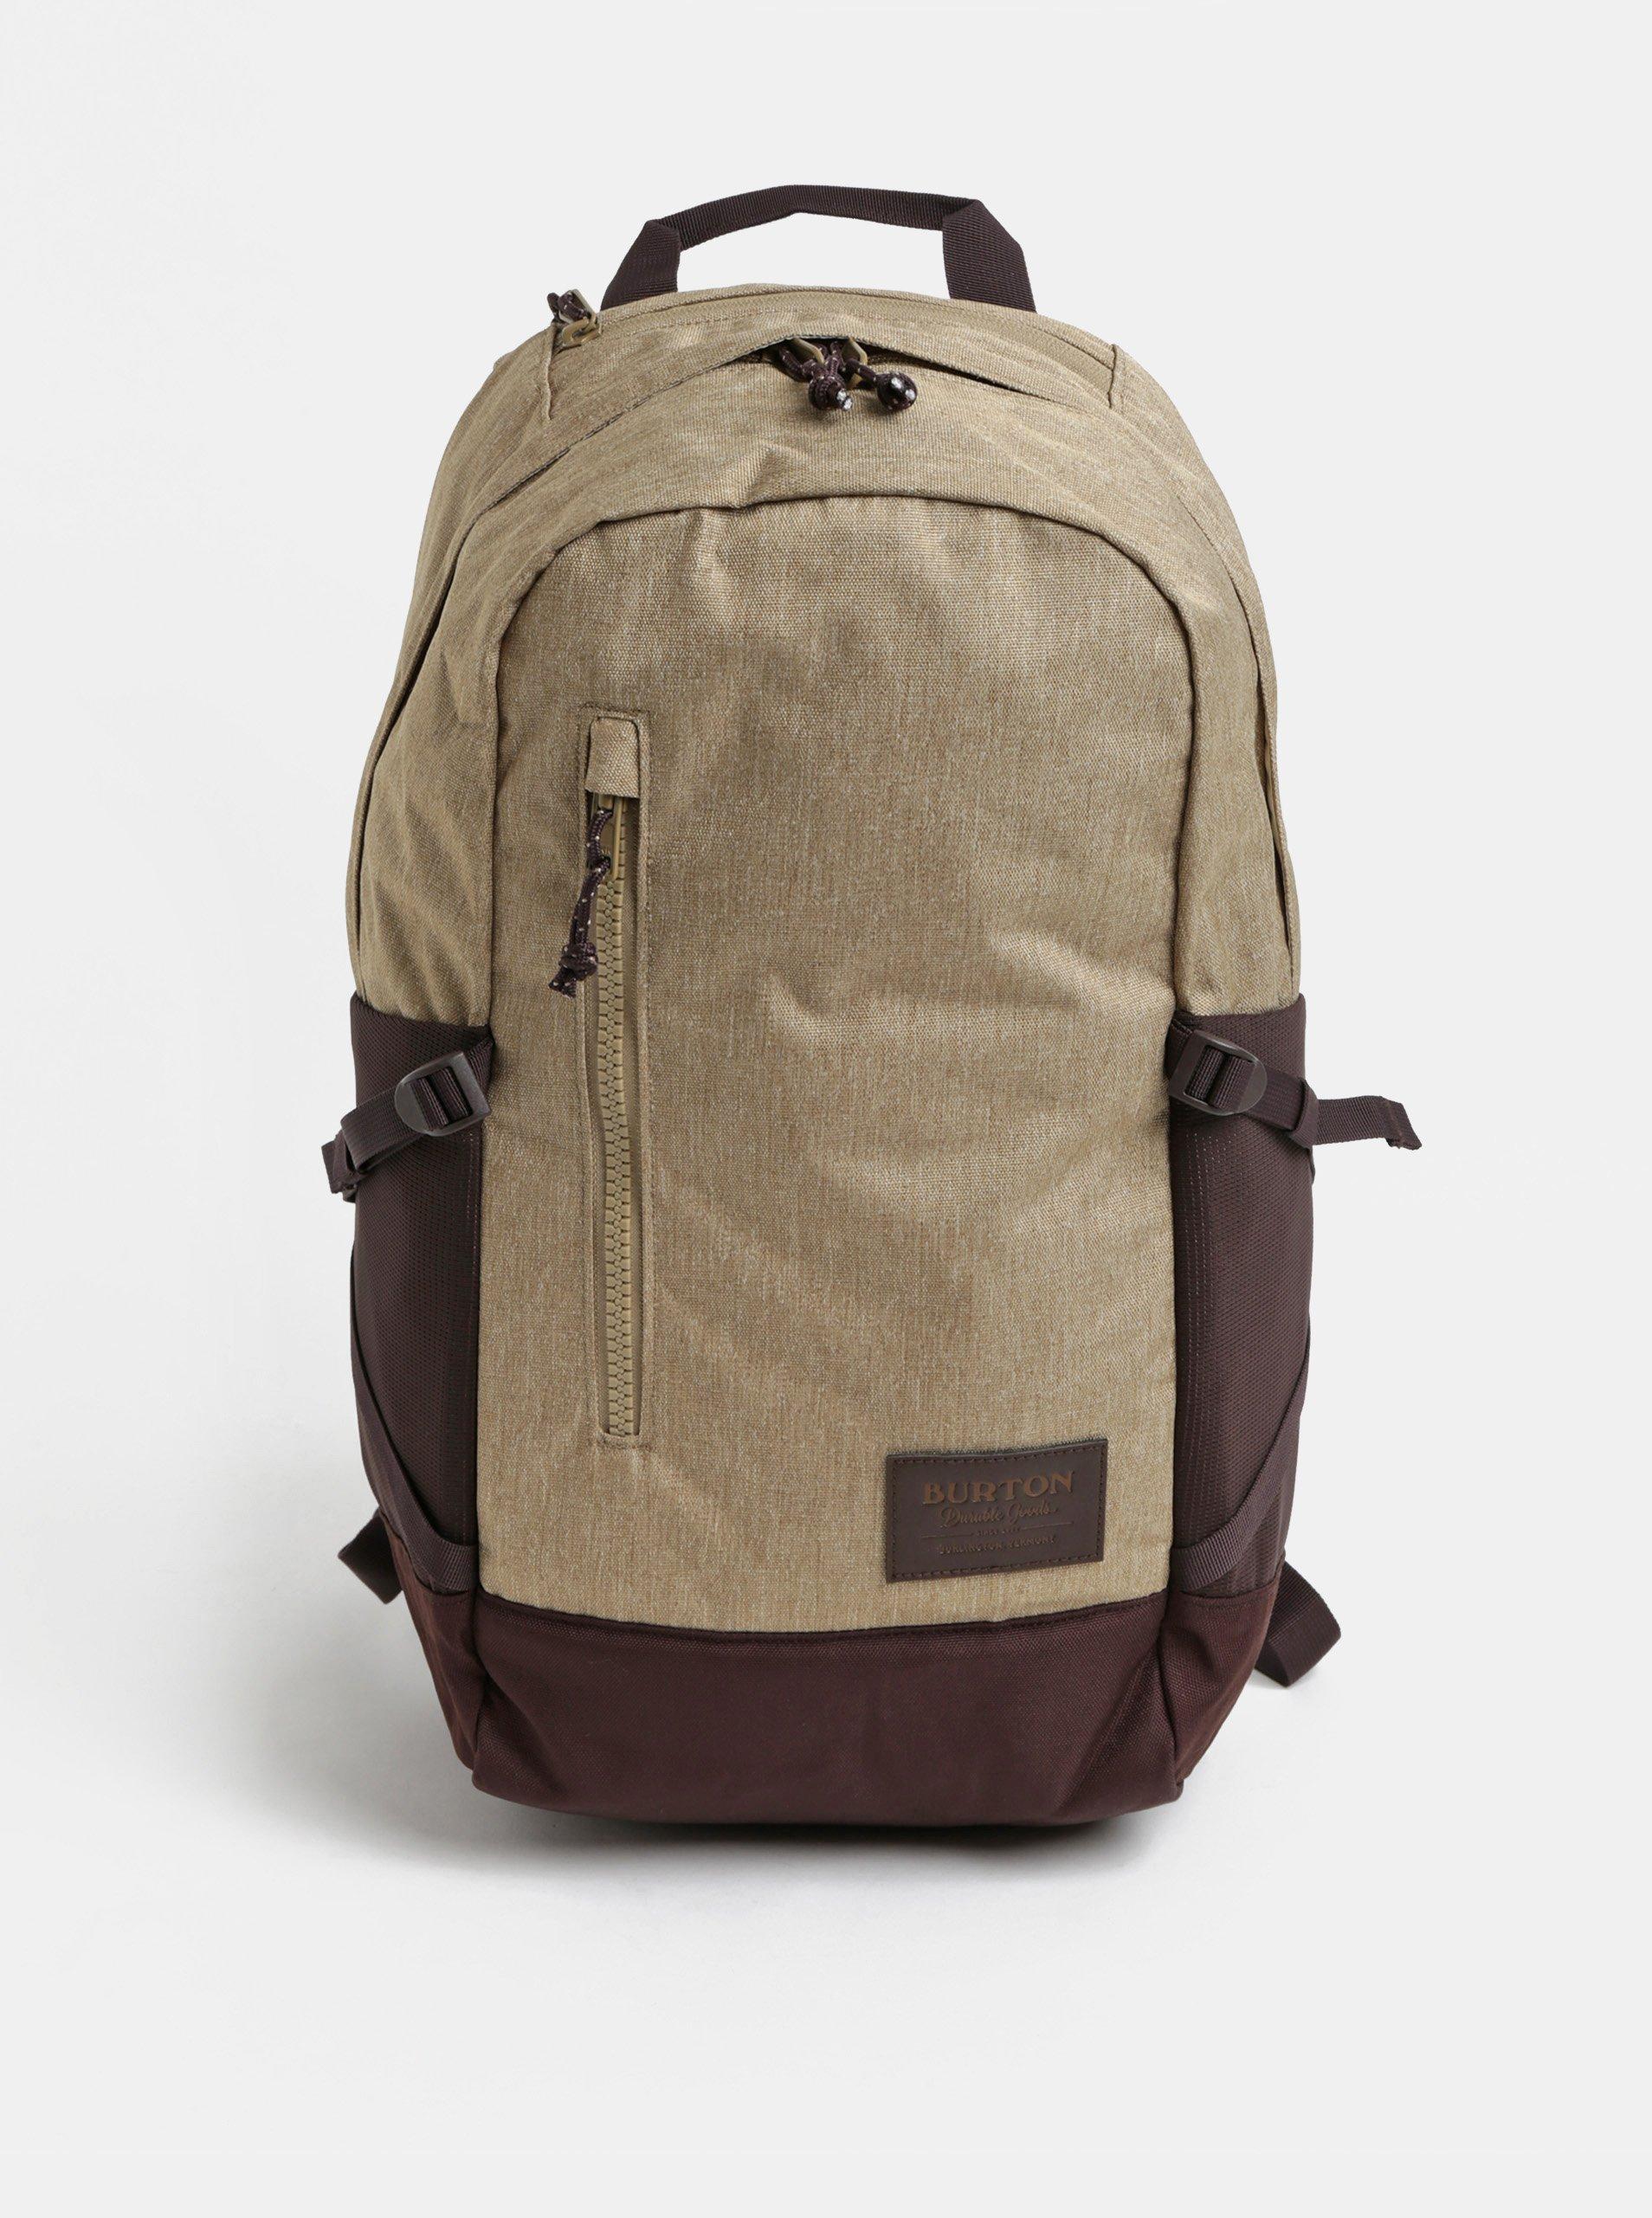 Hnedý melírovaný batoh Burton 21 l